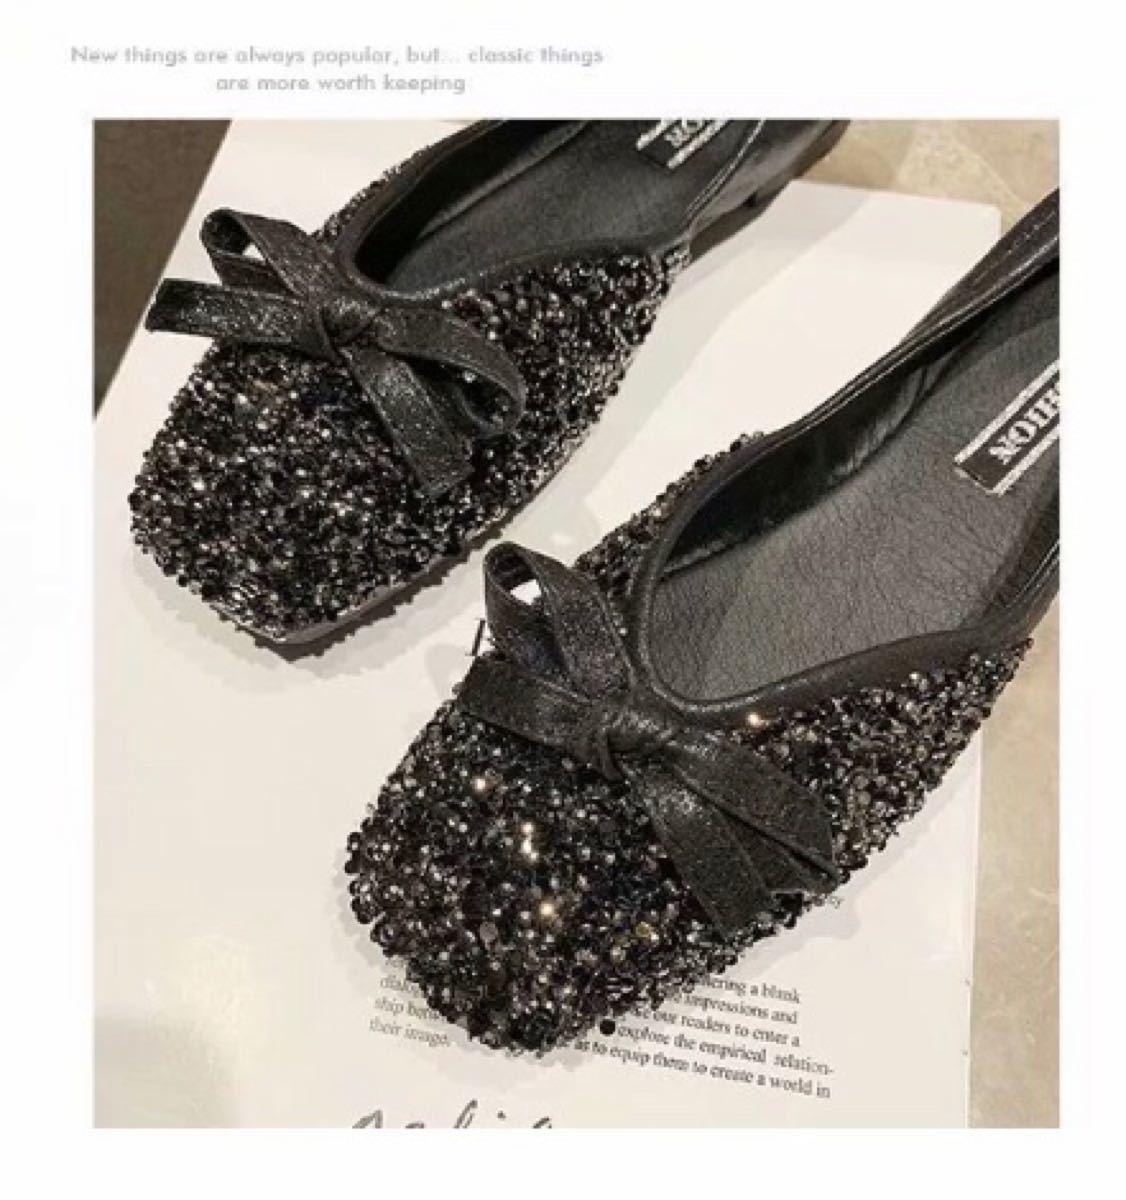 キラキラぺたんこシューズ パンプス フラットシューズ ローヒール 靴 23.5